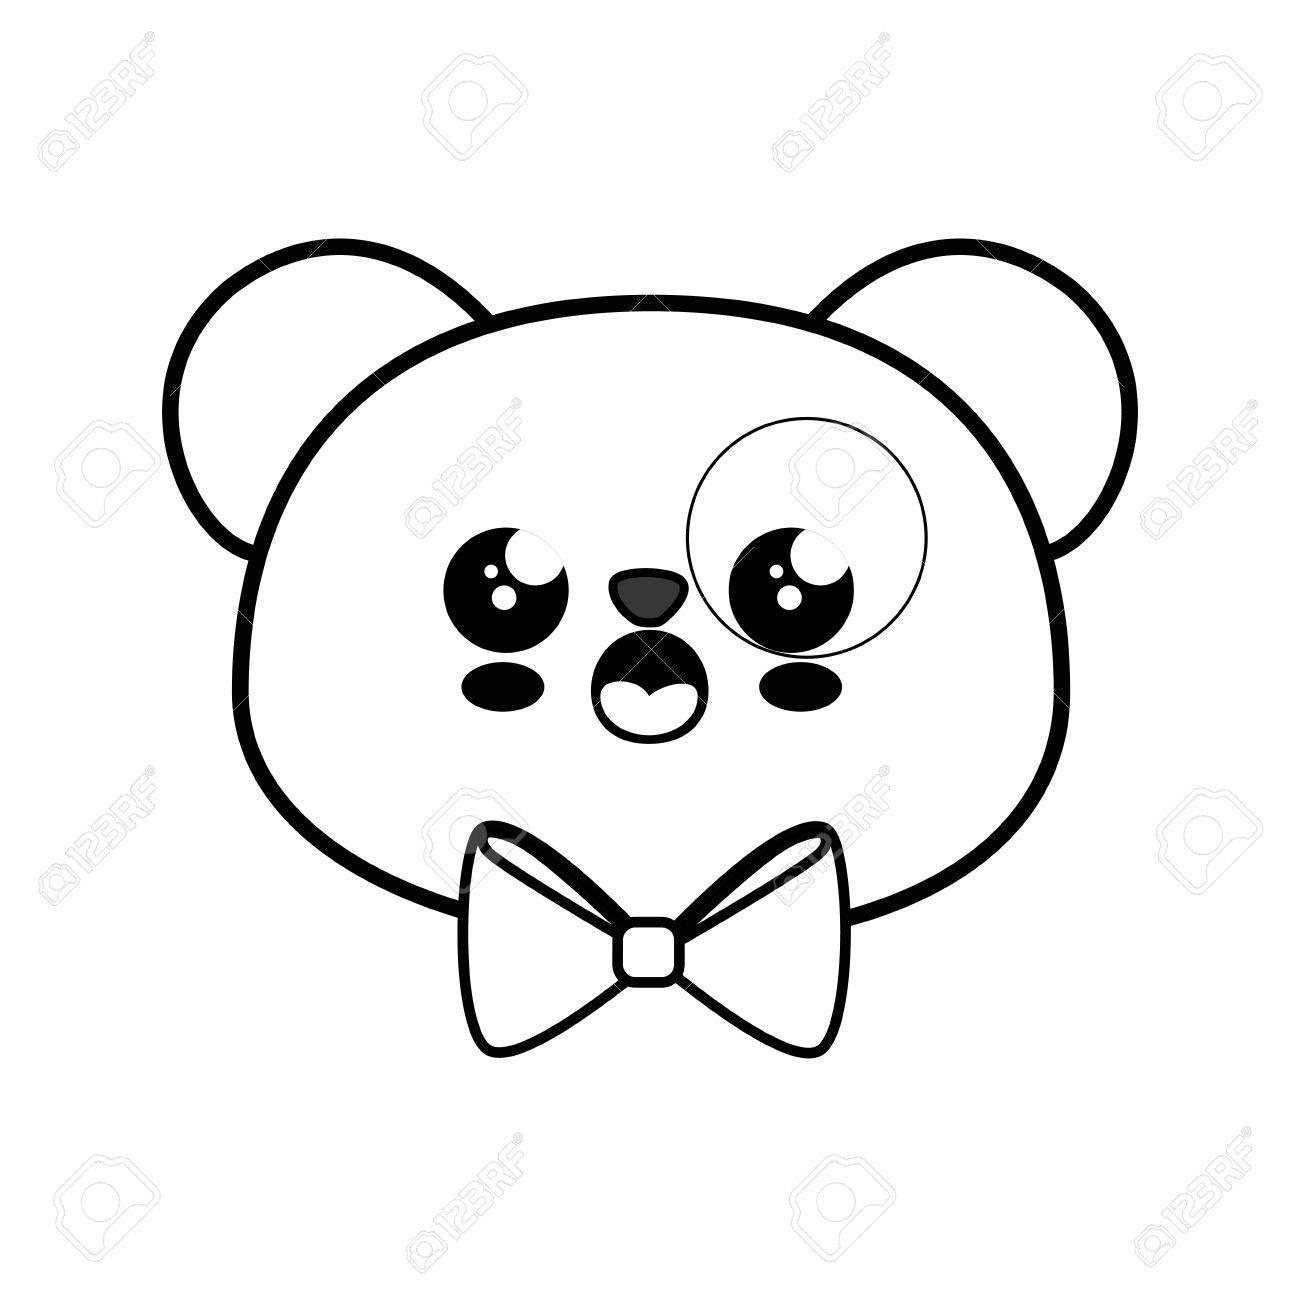 Oso Panda Kawaii Icono De Dibujos Animados Ilustración Vectorial